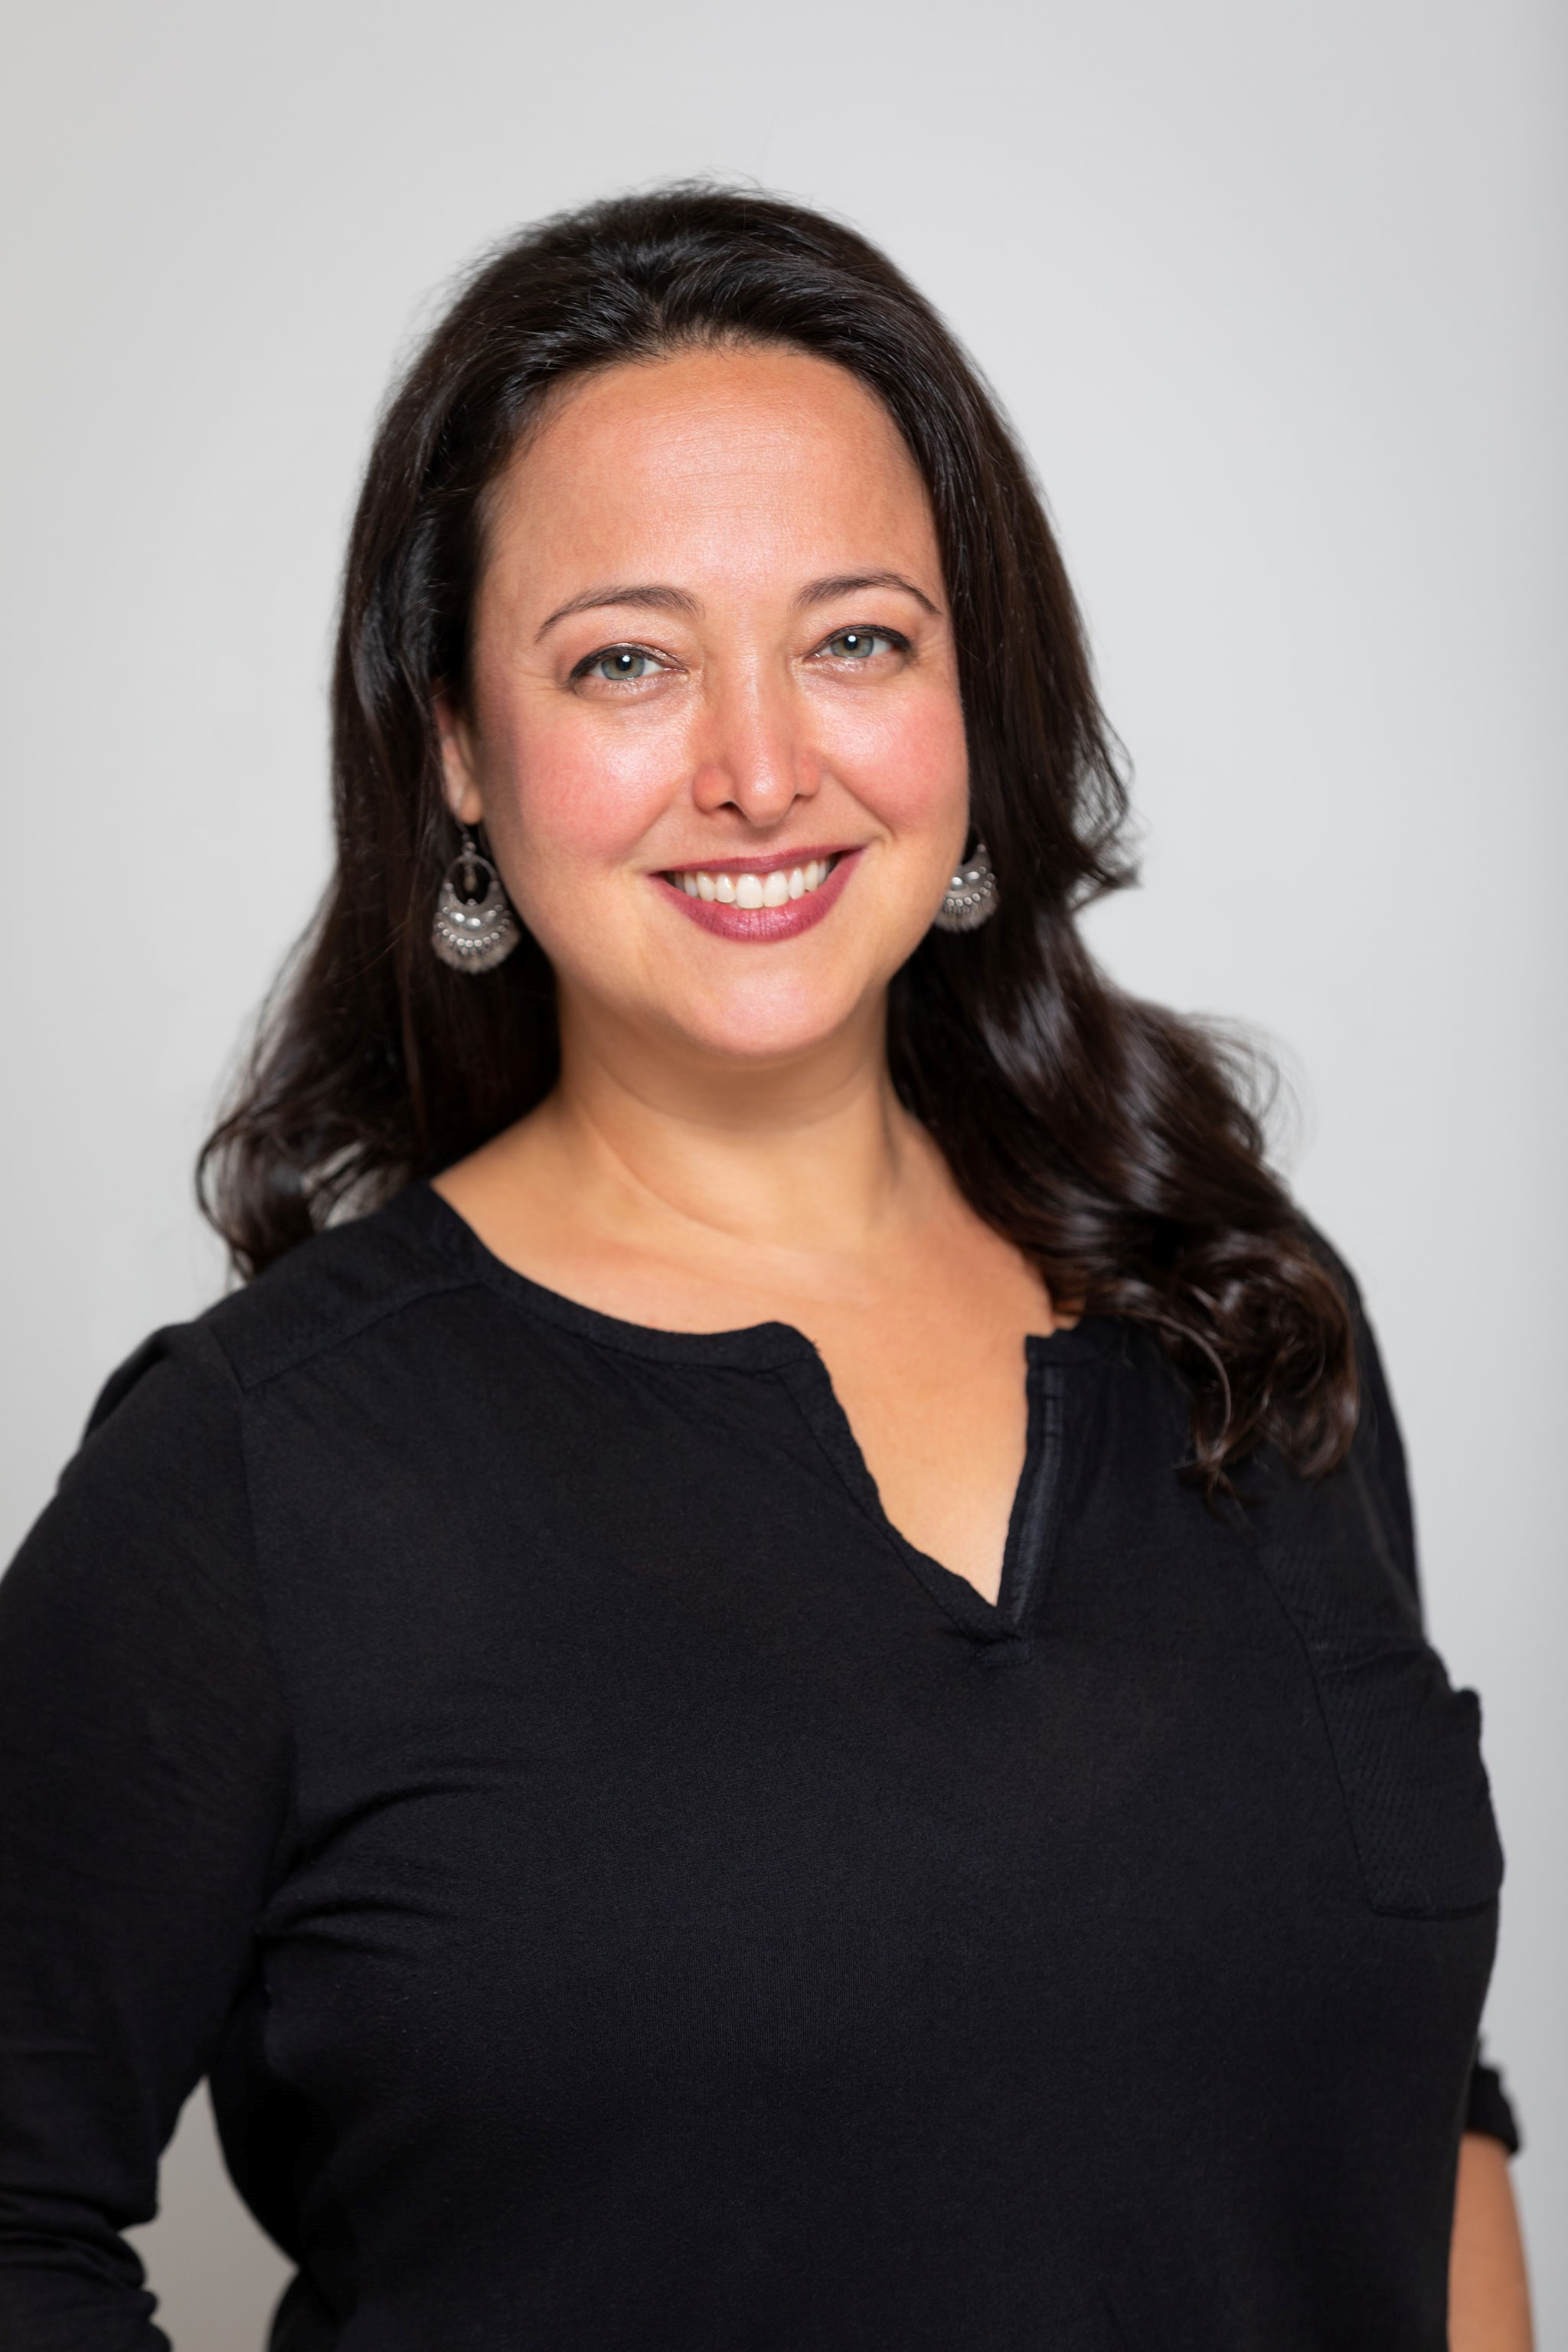 Jill Hotchkiss Headshot 2020